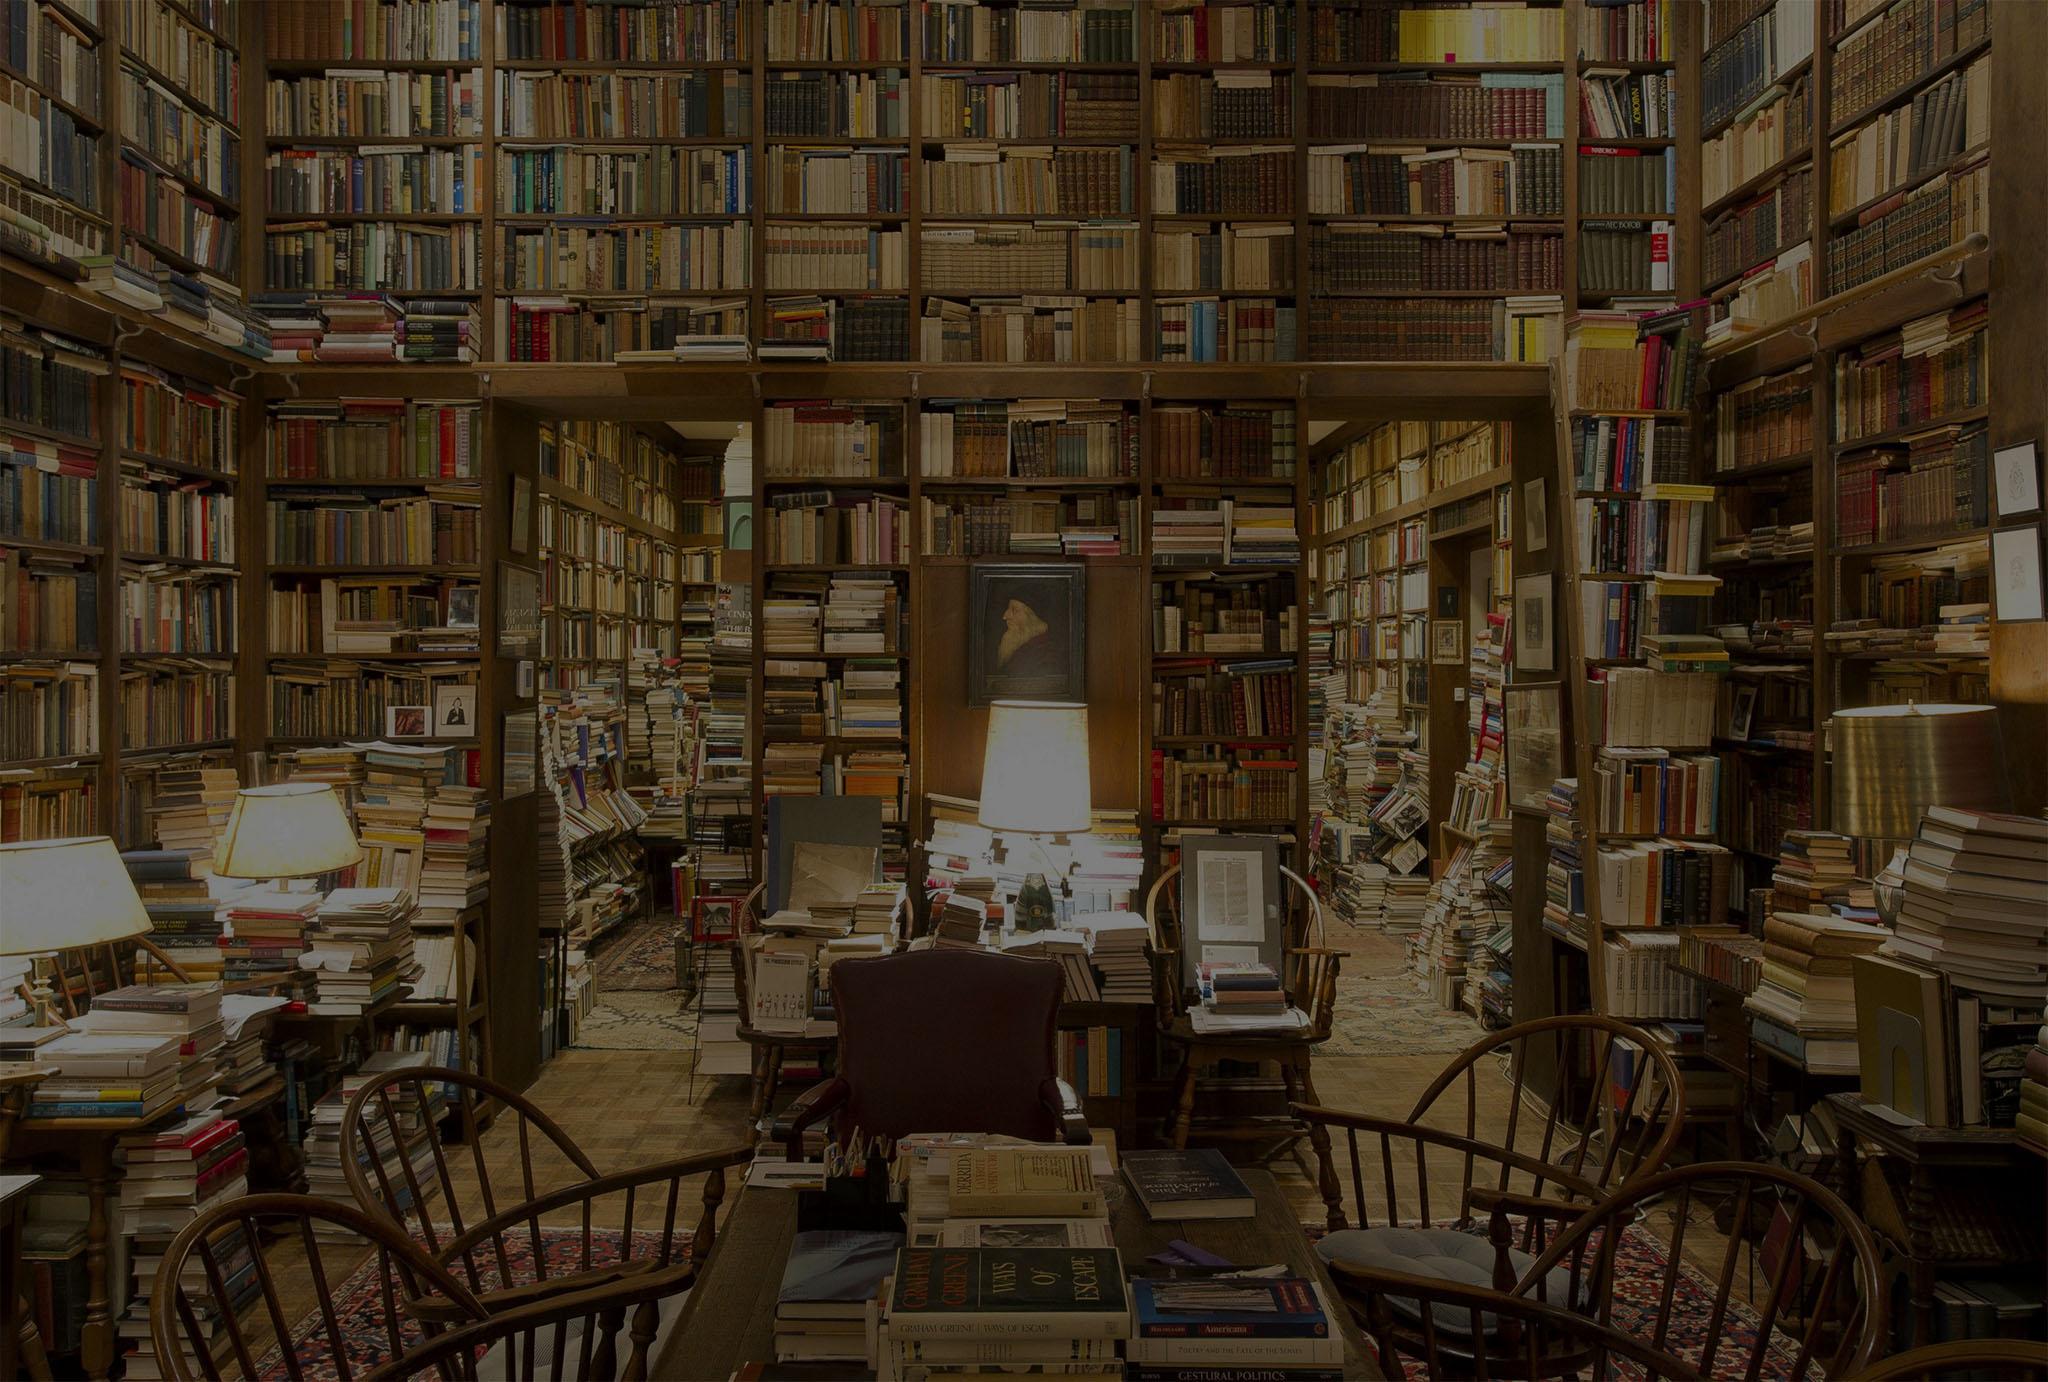 bibliothque_dark